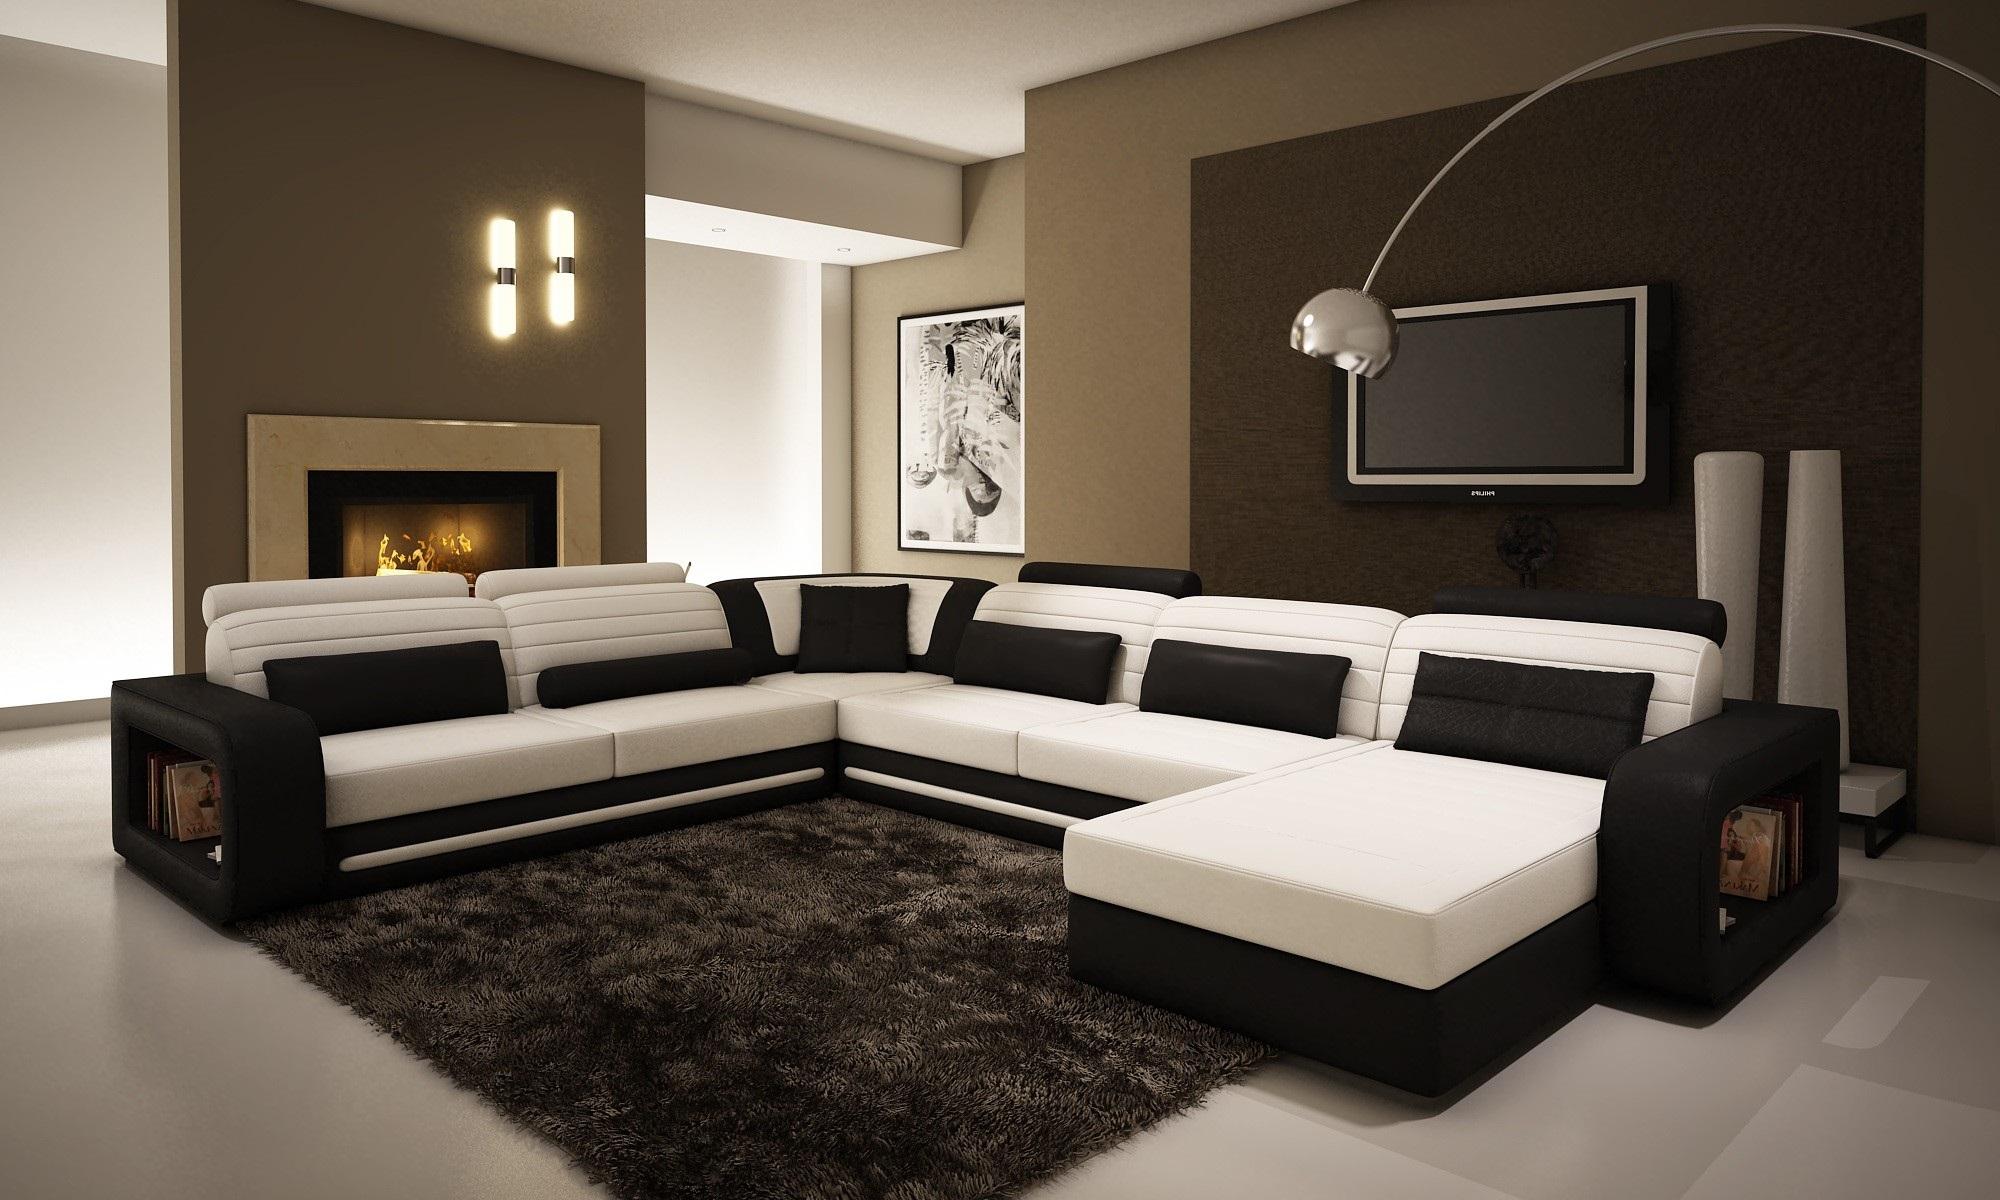 диван для большой семьи